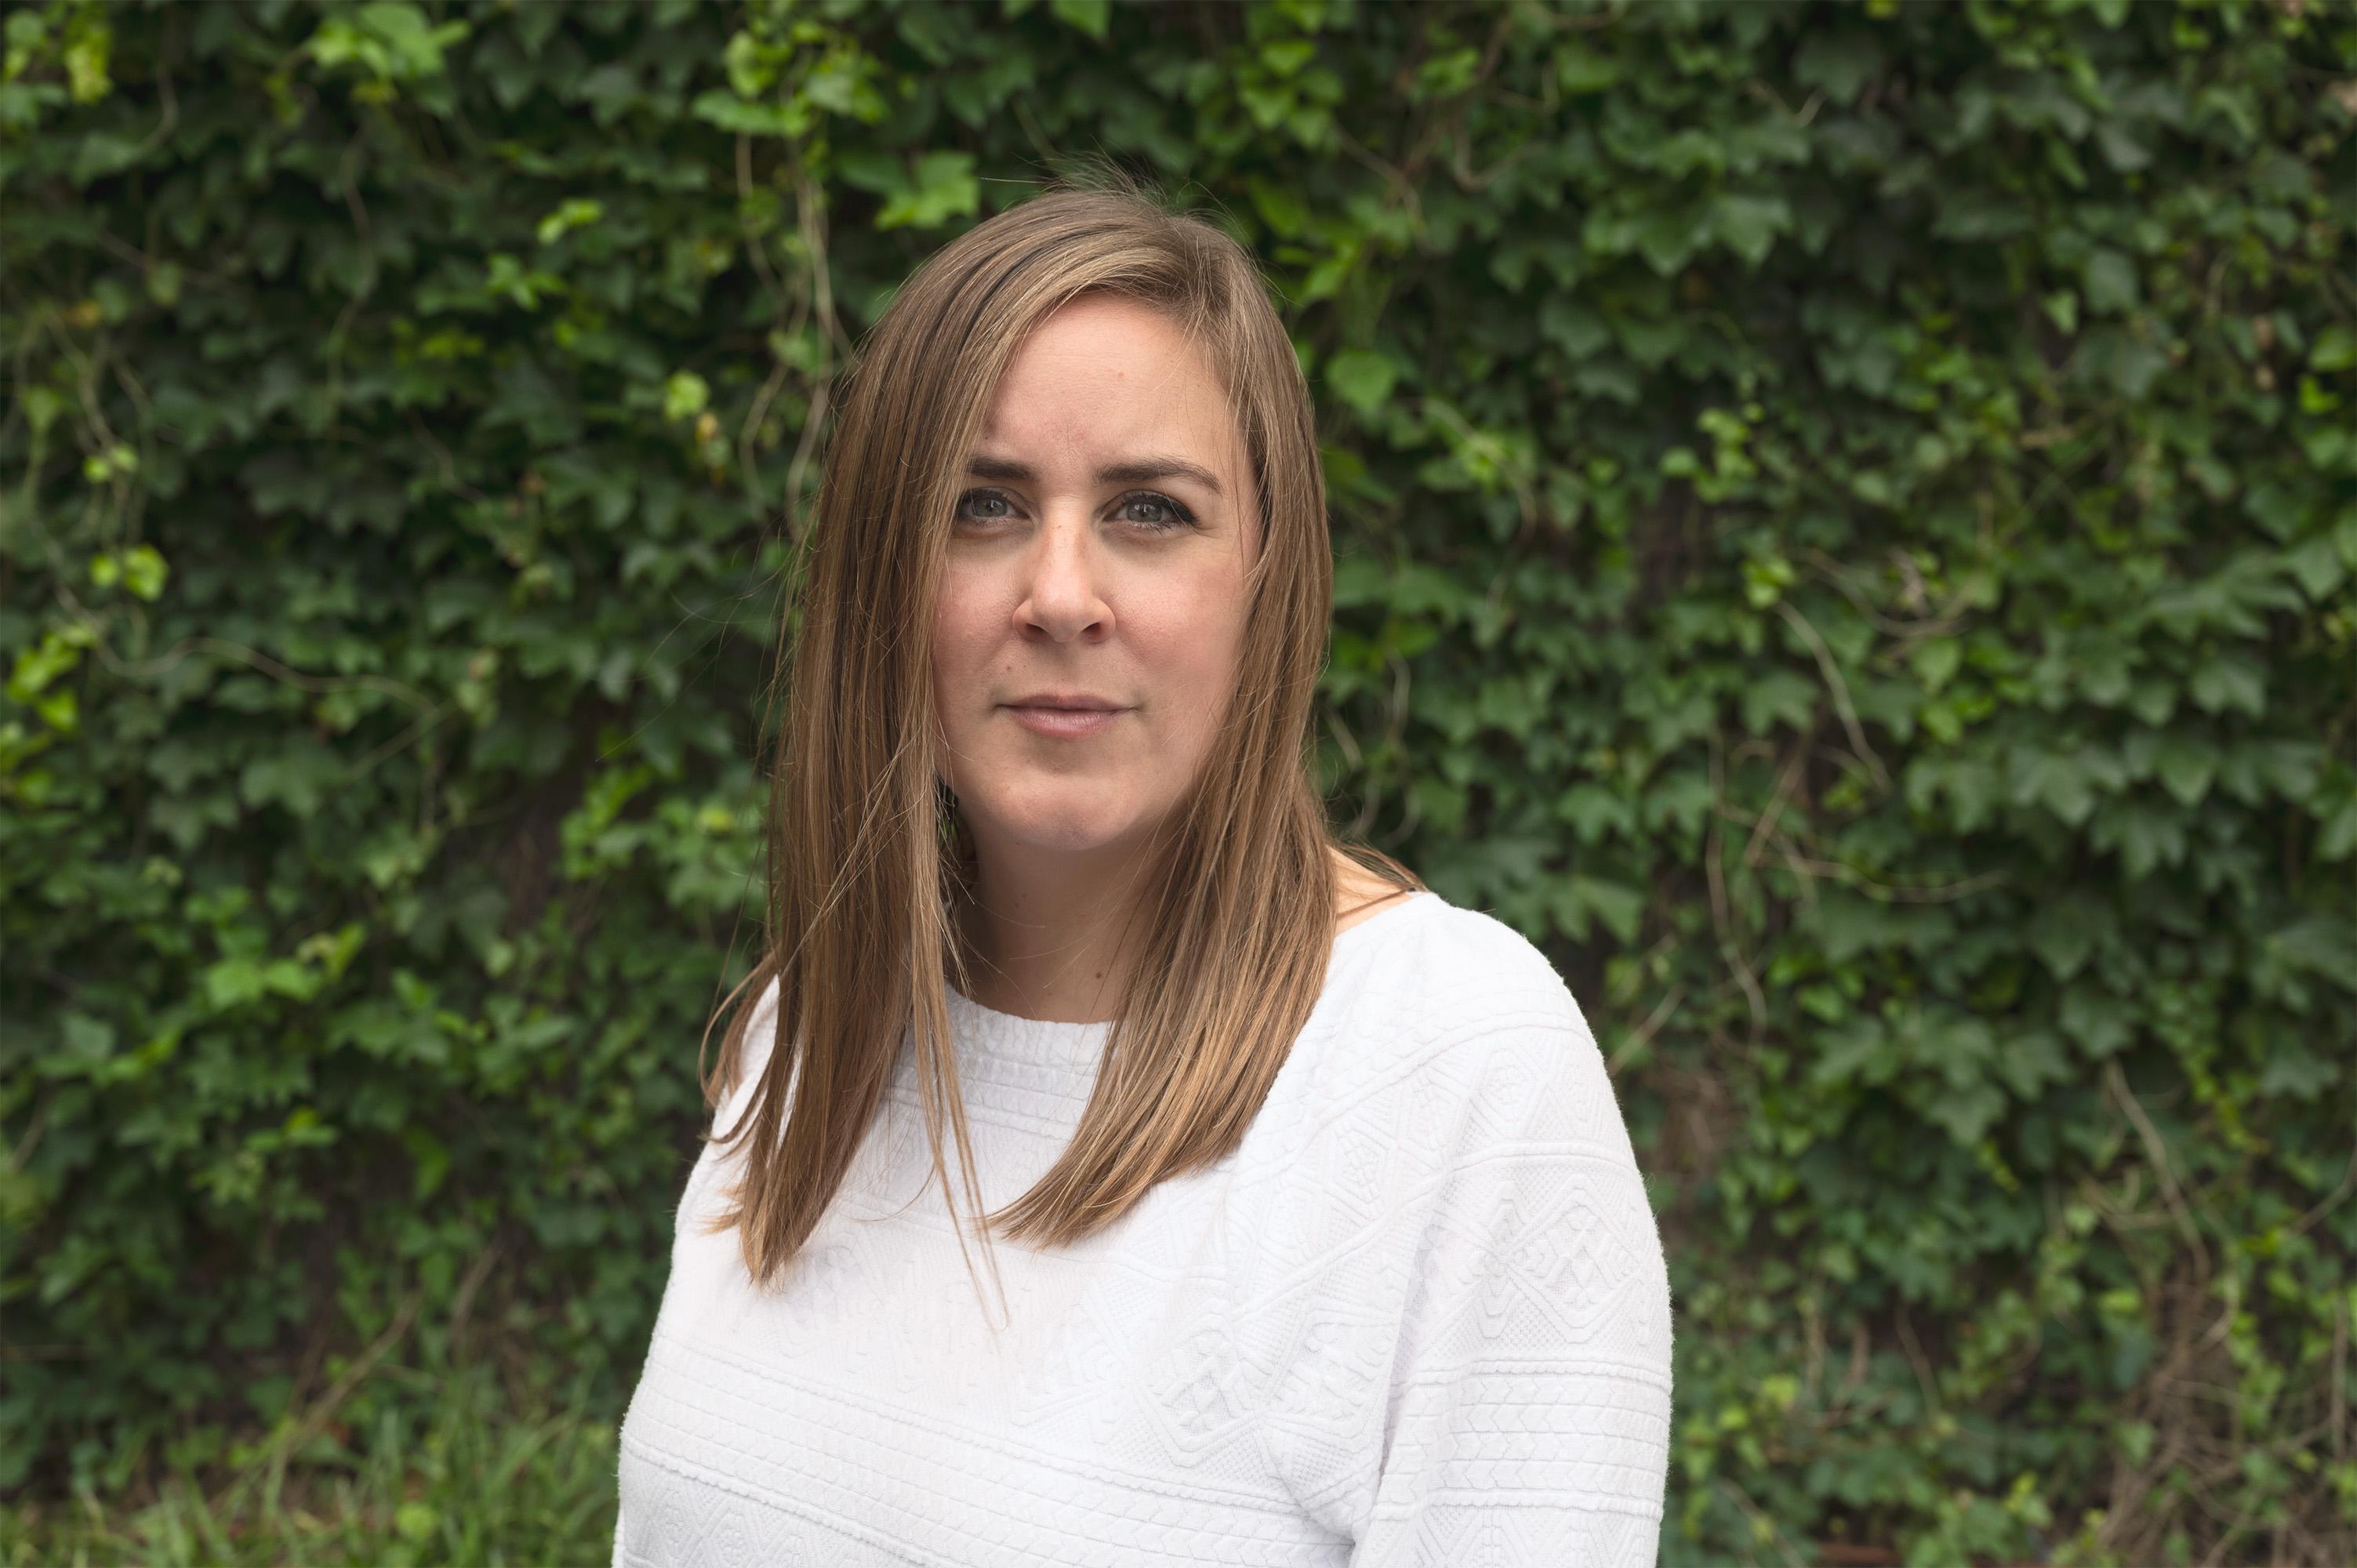 Joanna Jeffries